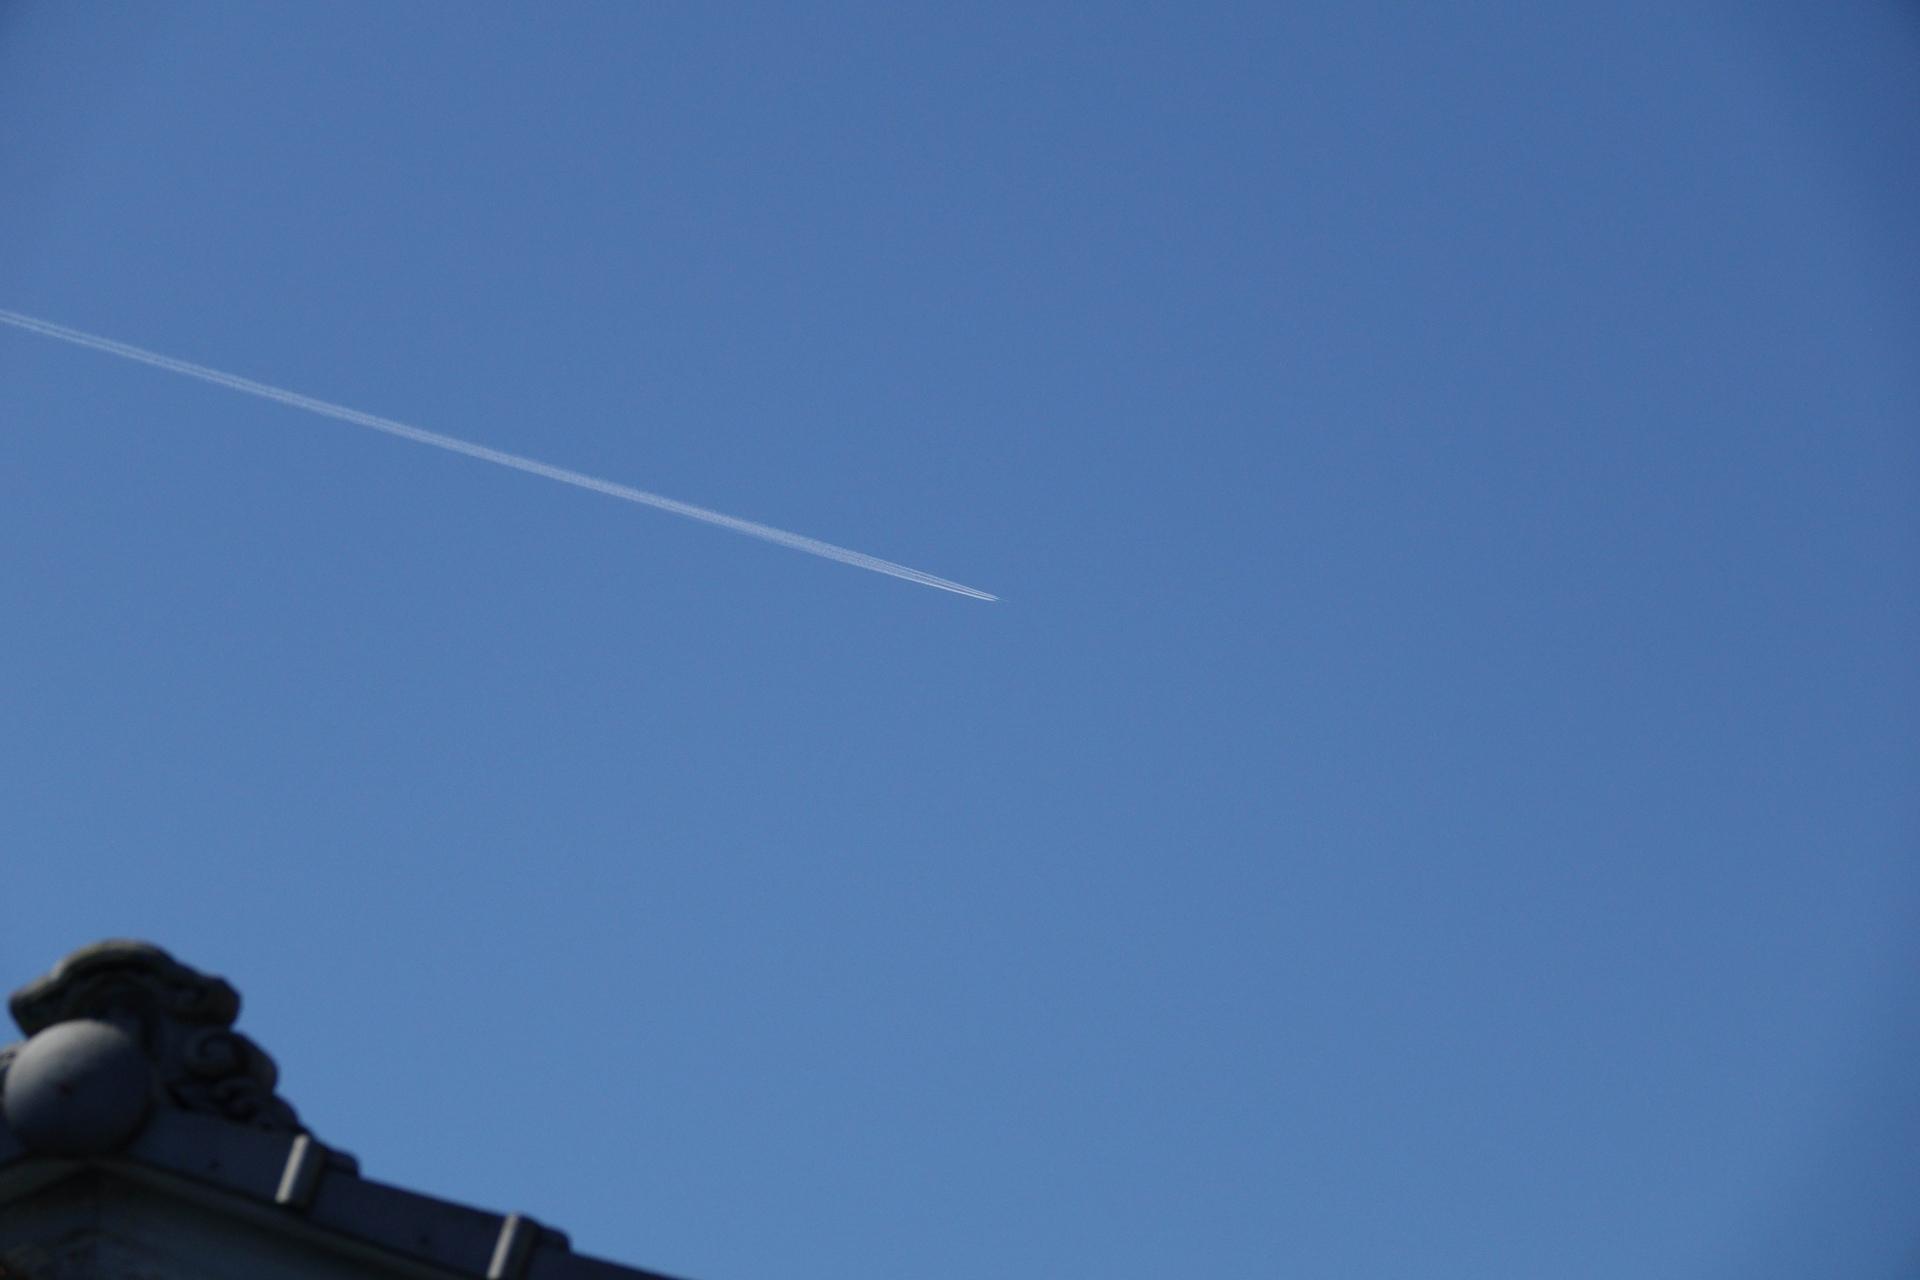 青空に飛行機